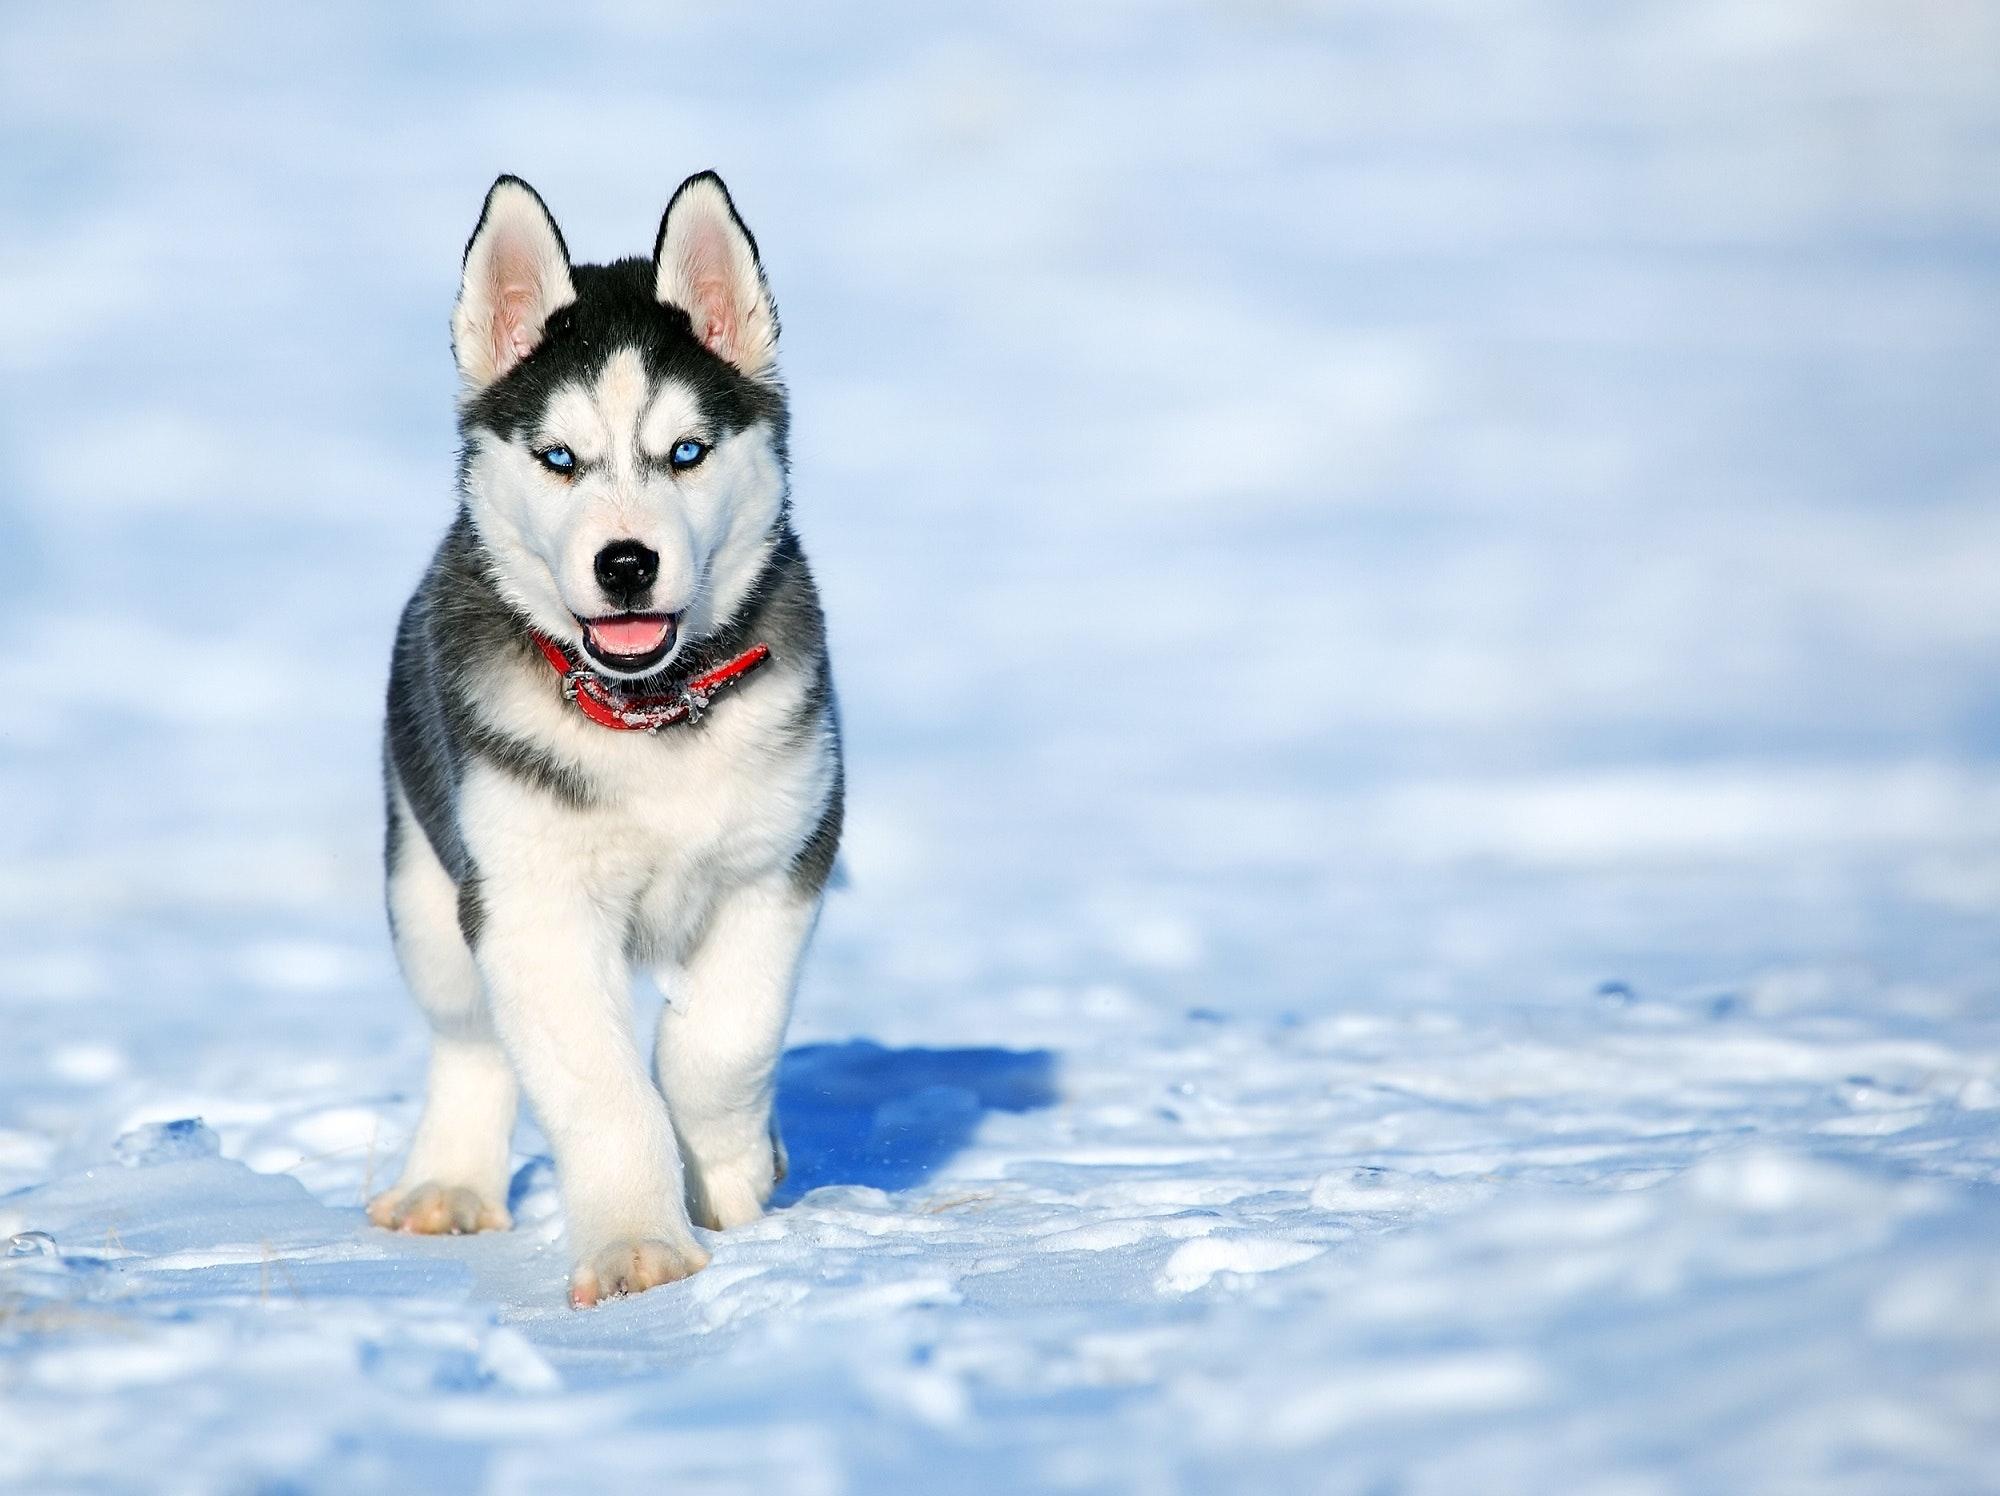 En hund i snøen